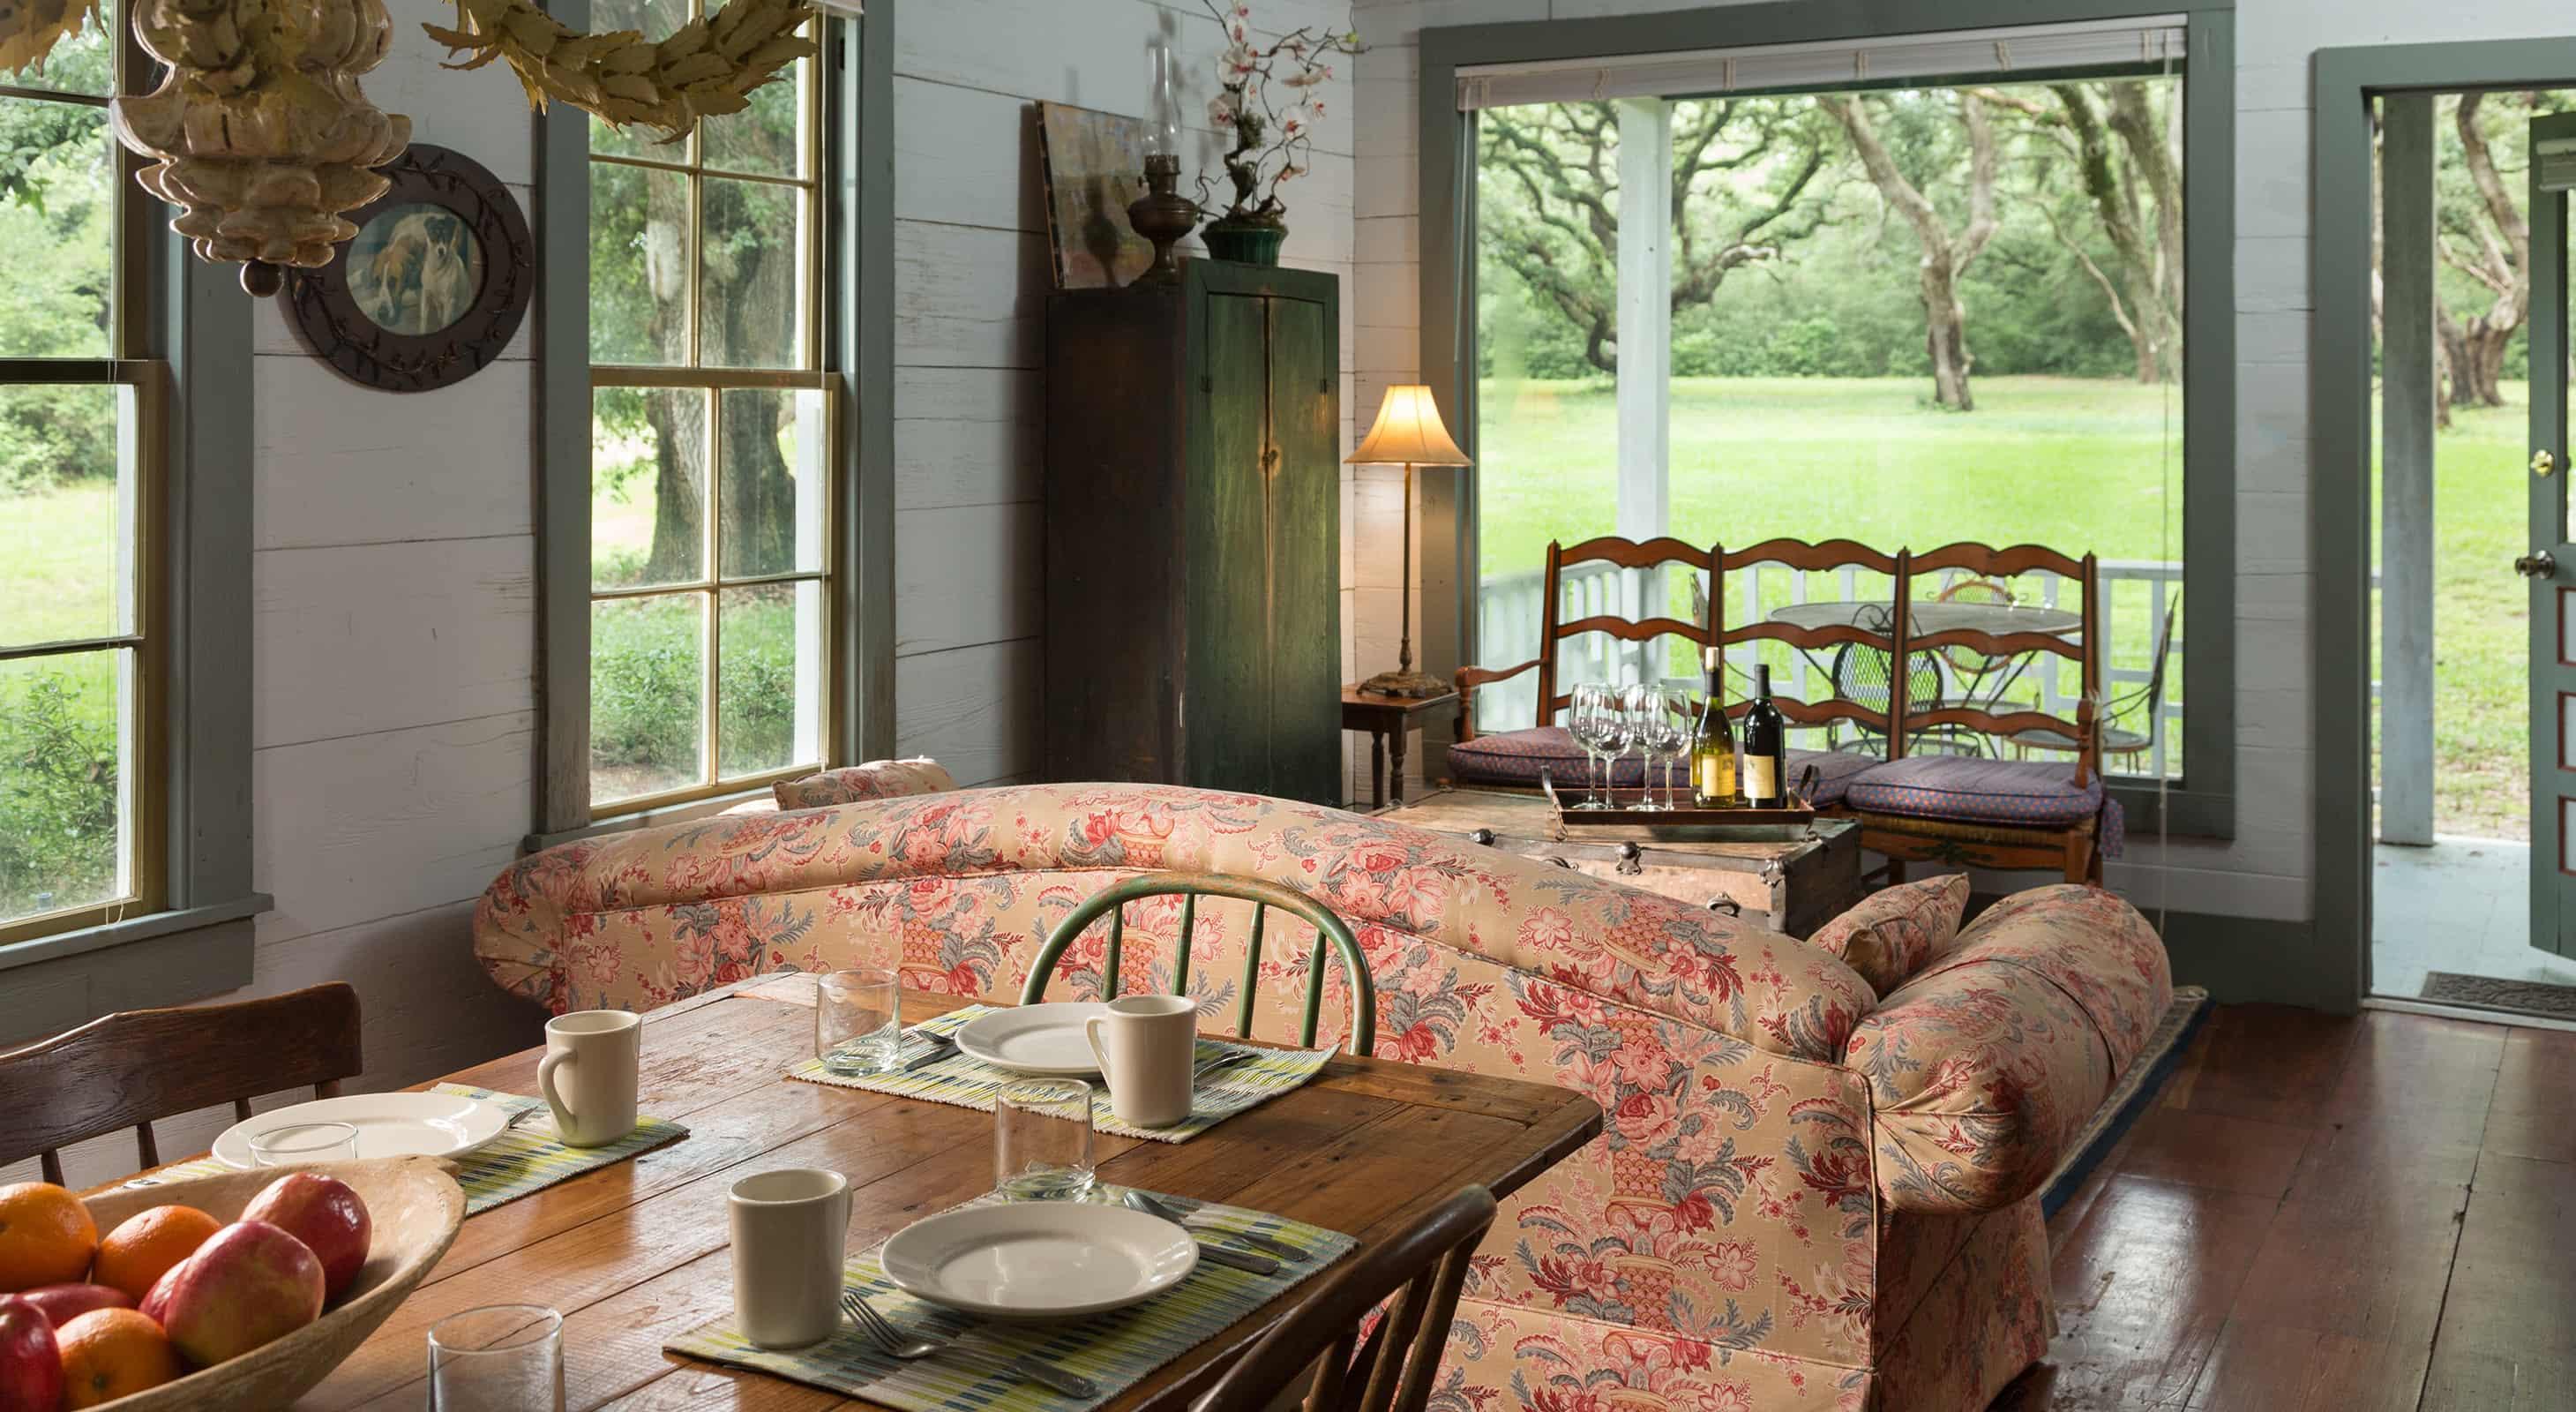 Lehmann House - a Texas Vacation Rental near Houston